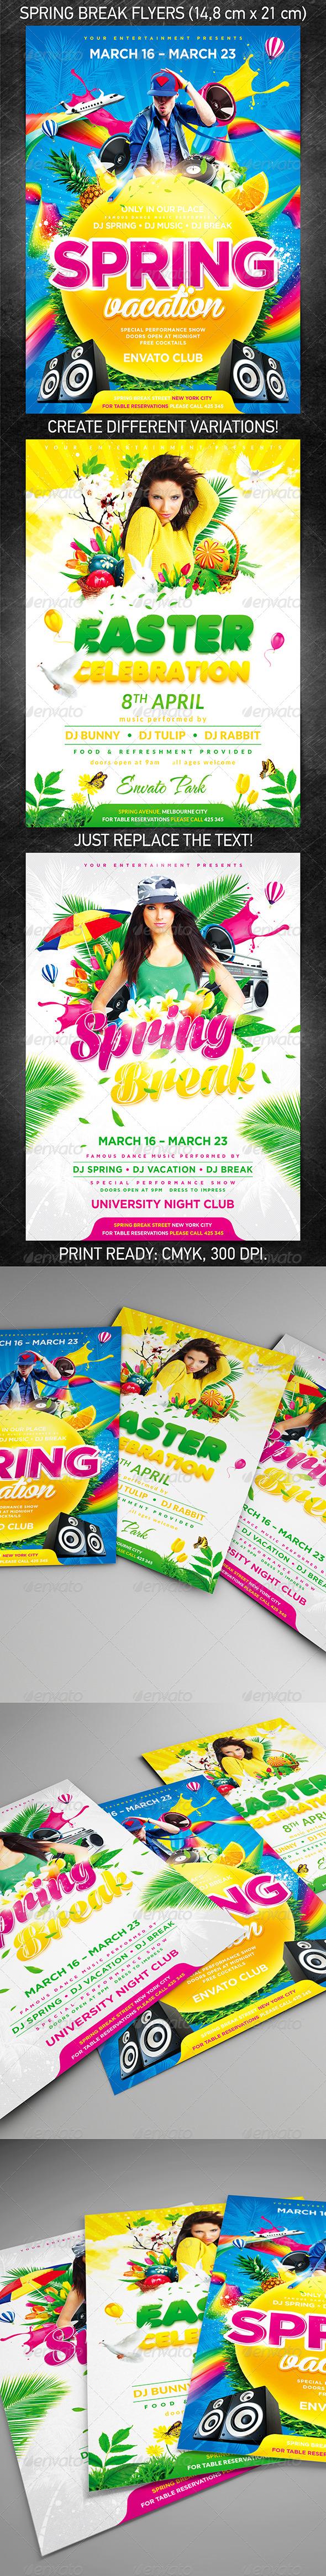 GraphicRiver Spring Break Party Flyer Bundle 6916189